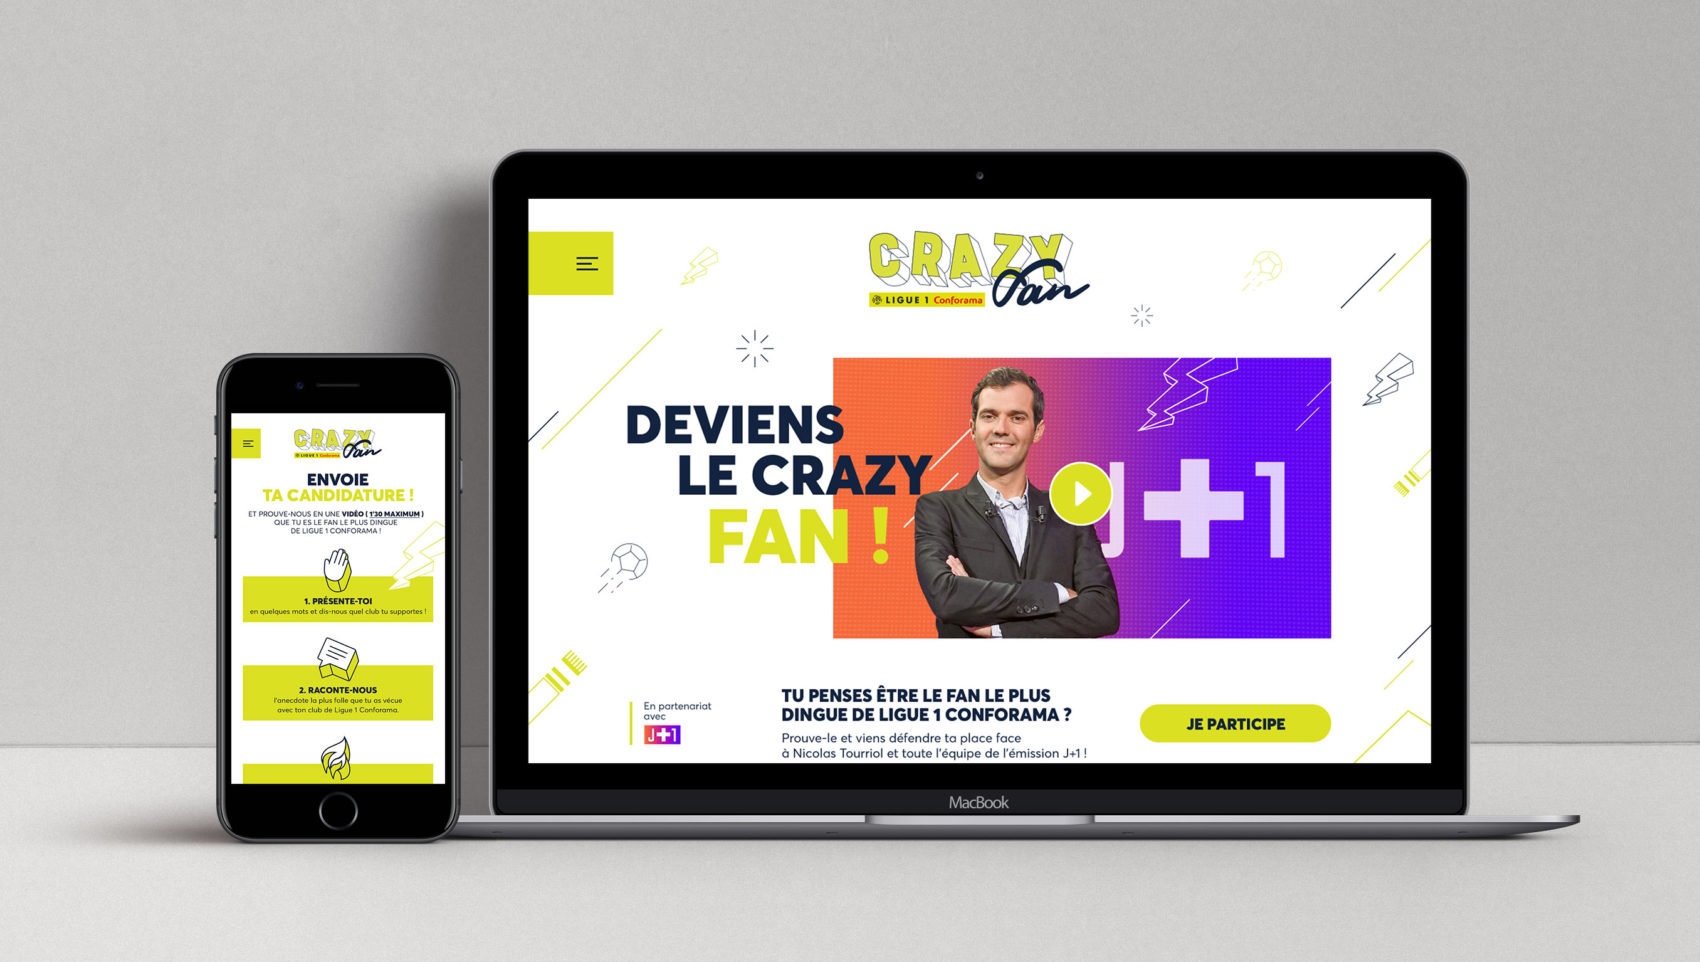 Projet_crazy_fan_Ligue_1_Conforama_LFP_Ligue_de_football_professionnel_professional_league